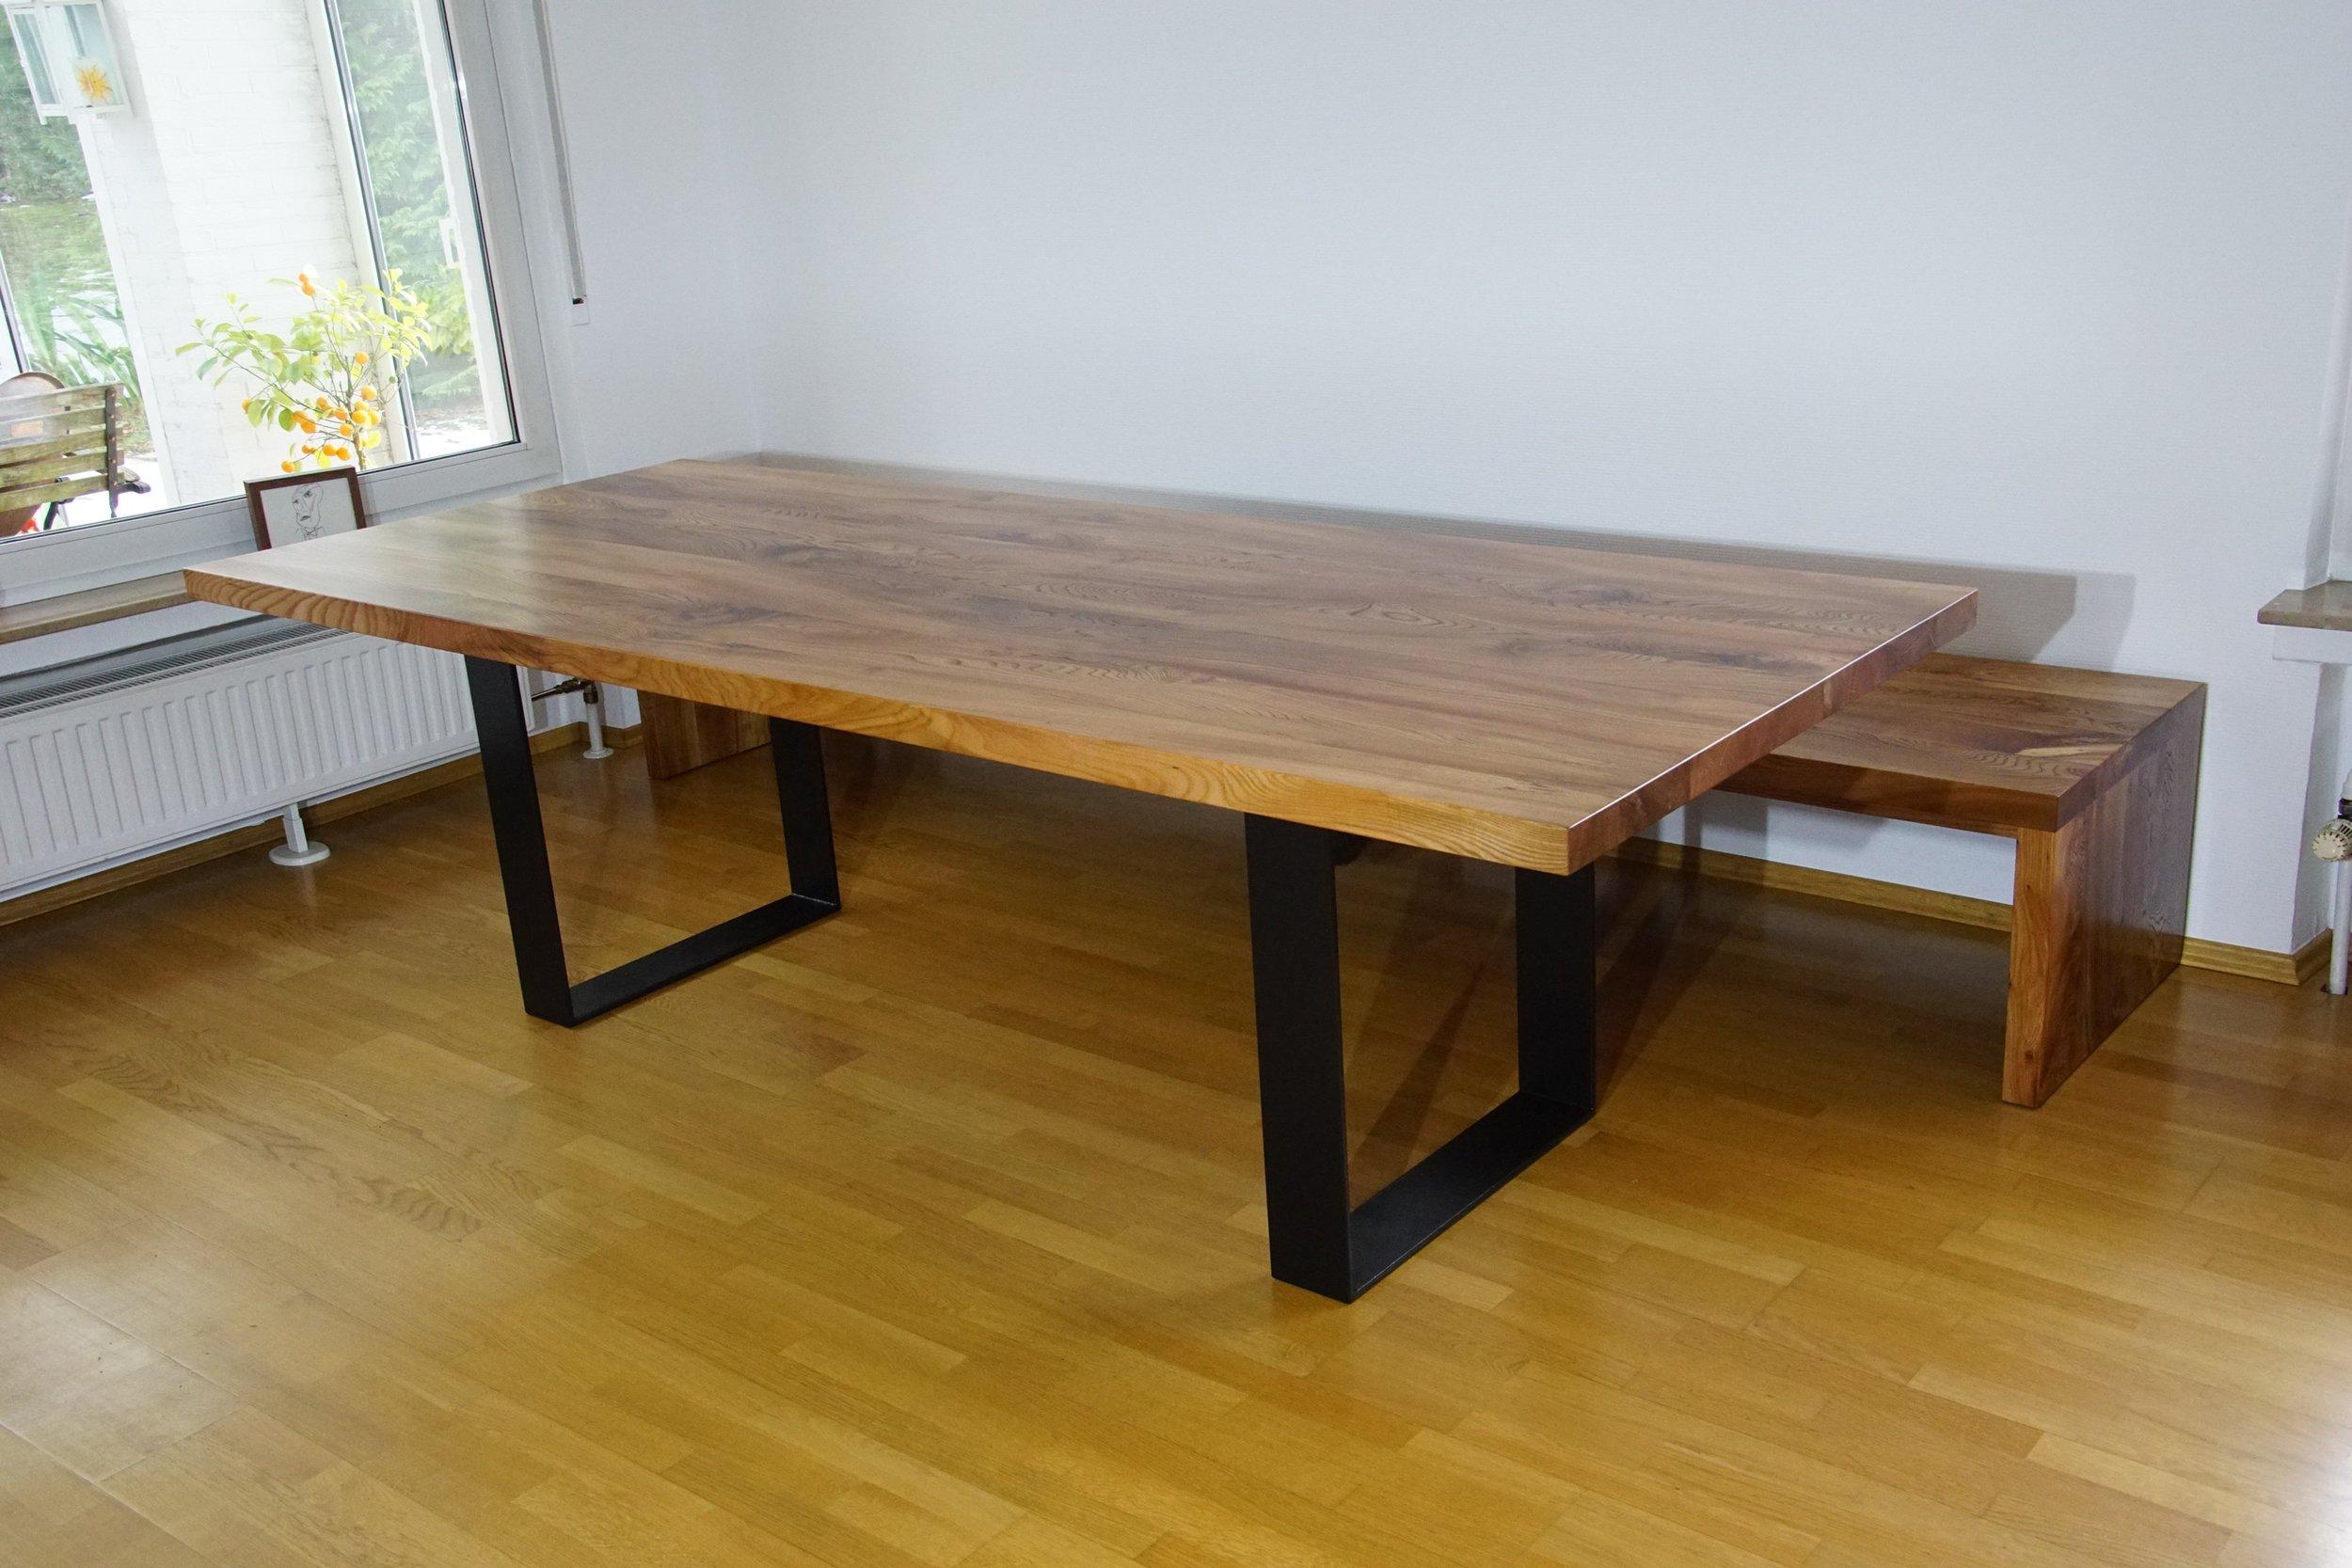 Tisch Oscar 250 x 100 und XXL Bank 300 x 60 cm aus Rüster bei Auslieferung in Belgien.